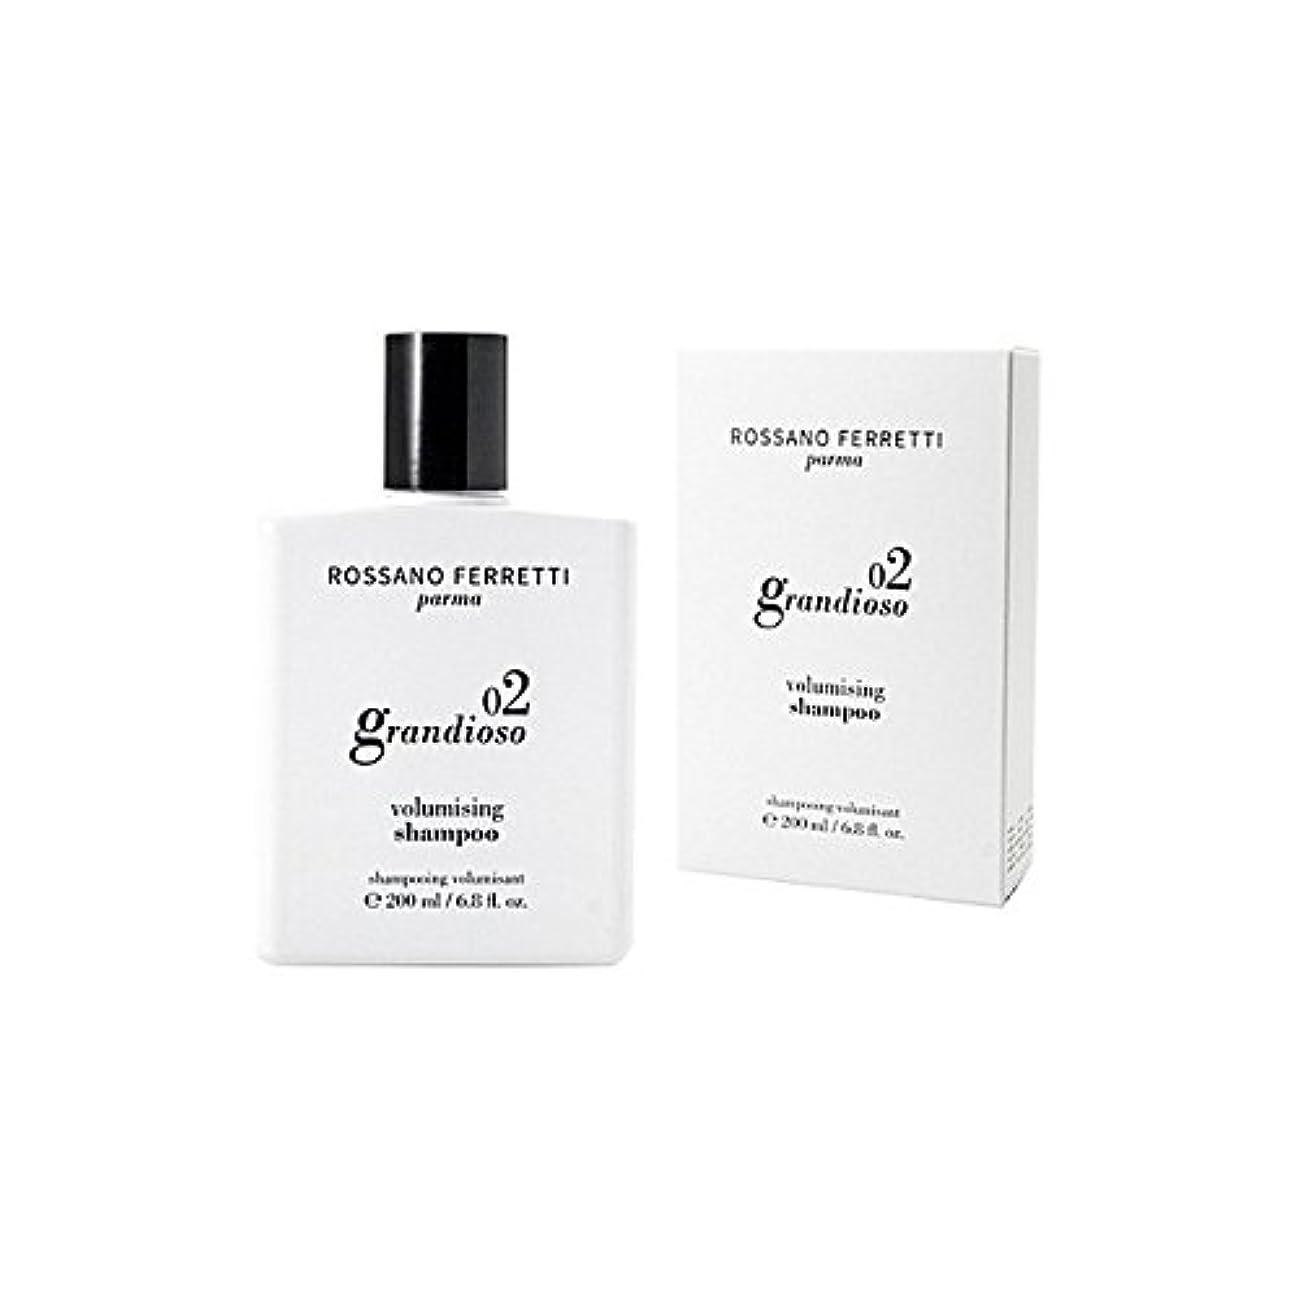 不機嫌そうな肩をすくめる日常的にロッサノフェレッティパルマ シャンプー200ミリリットル x2 - Rossano Ferretti Parma Grandioso Volumising Shampoo 200ml (Pack of 2) [並行輸入品]